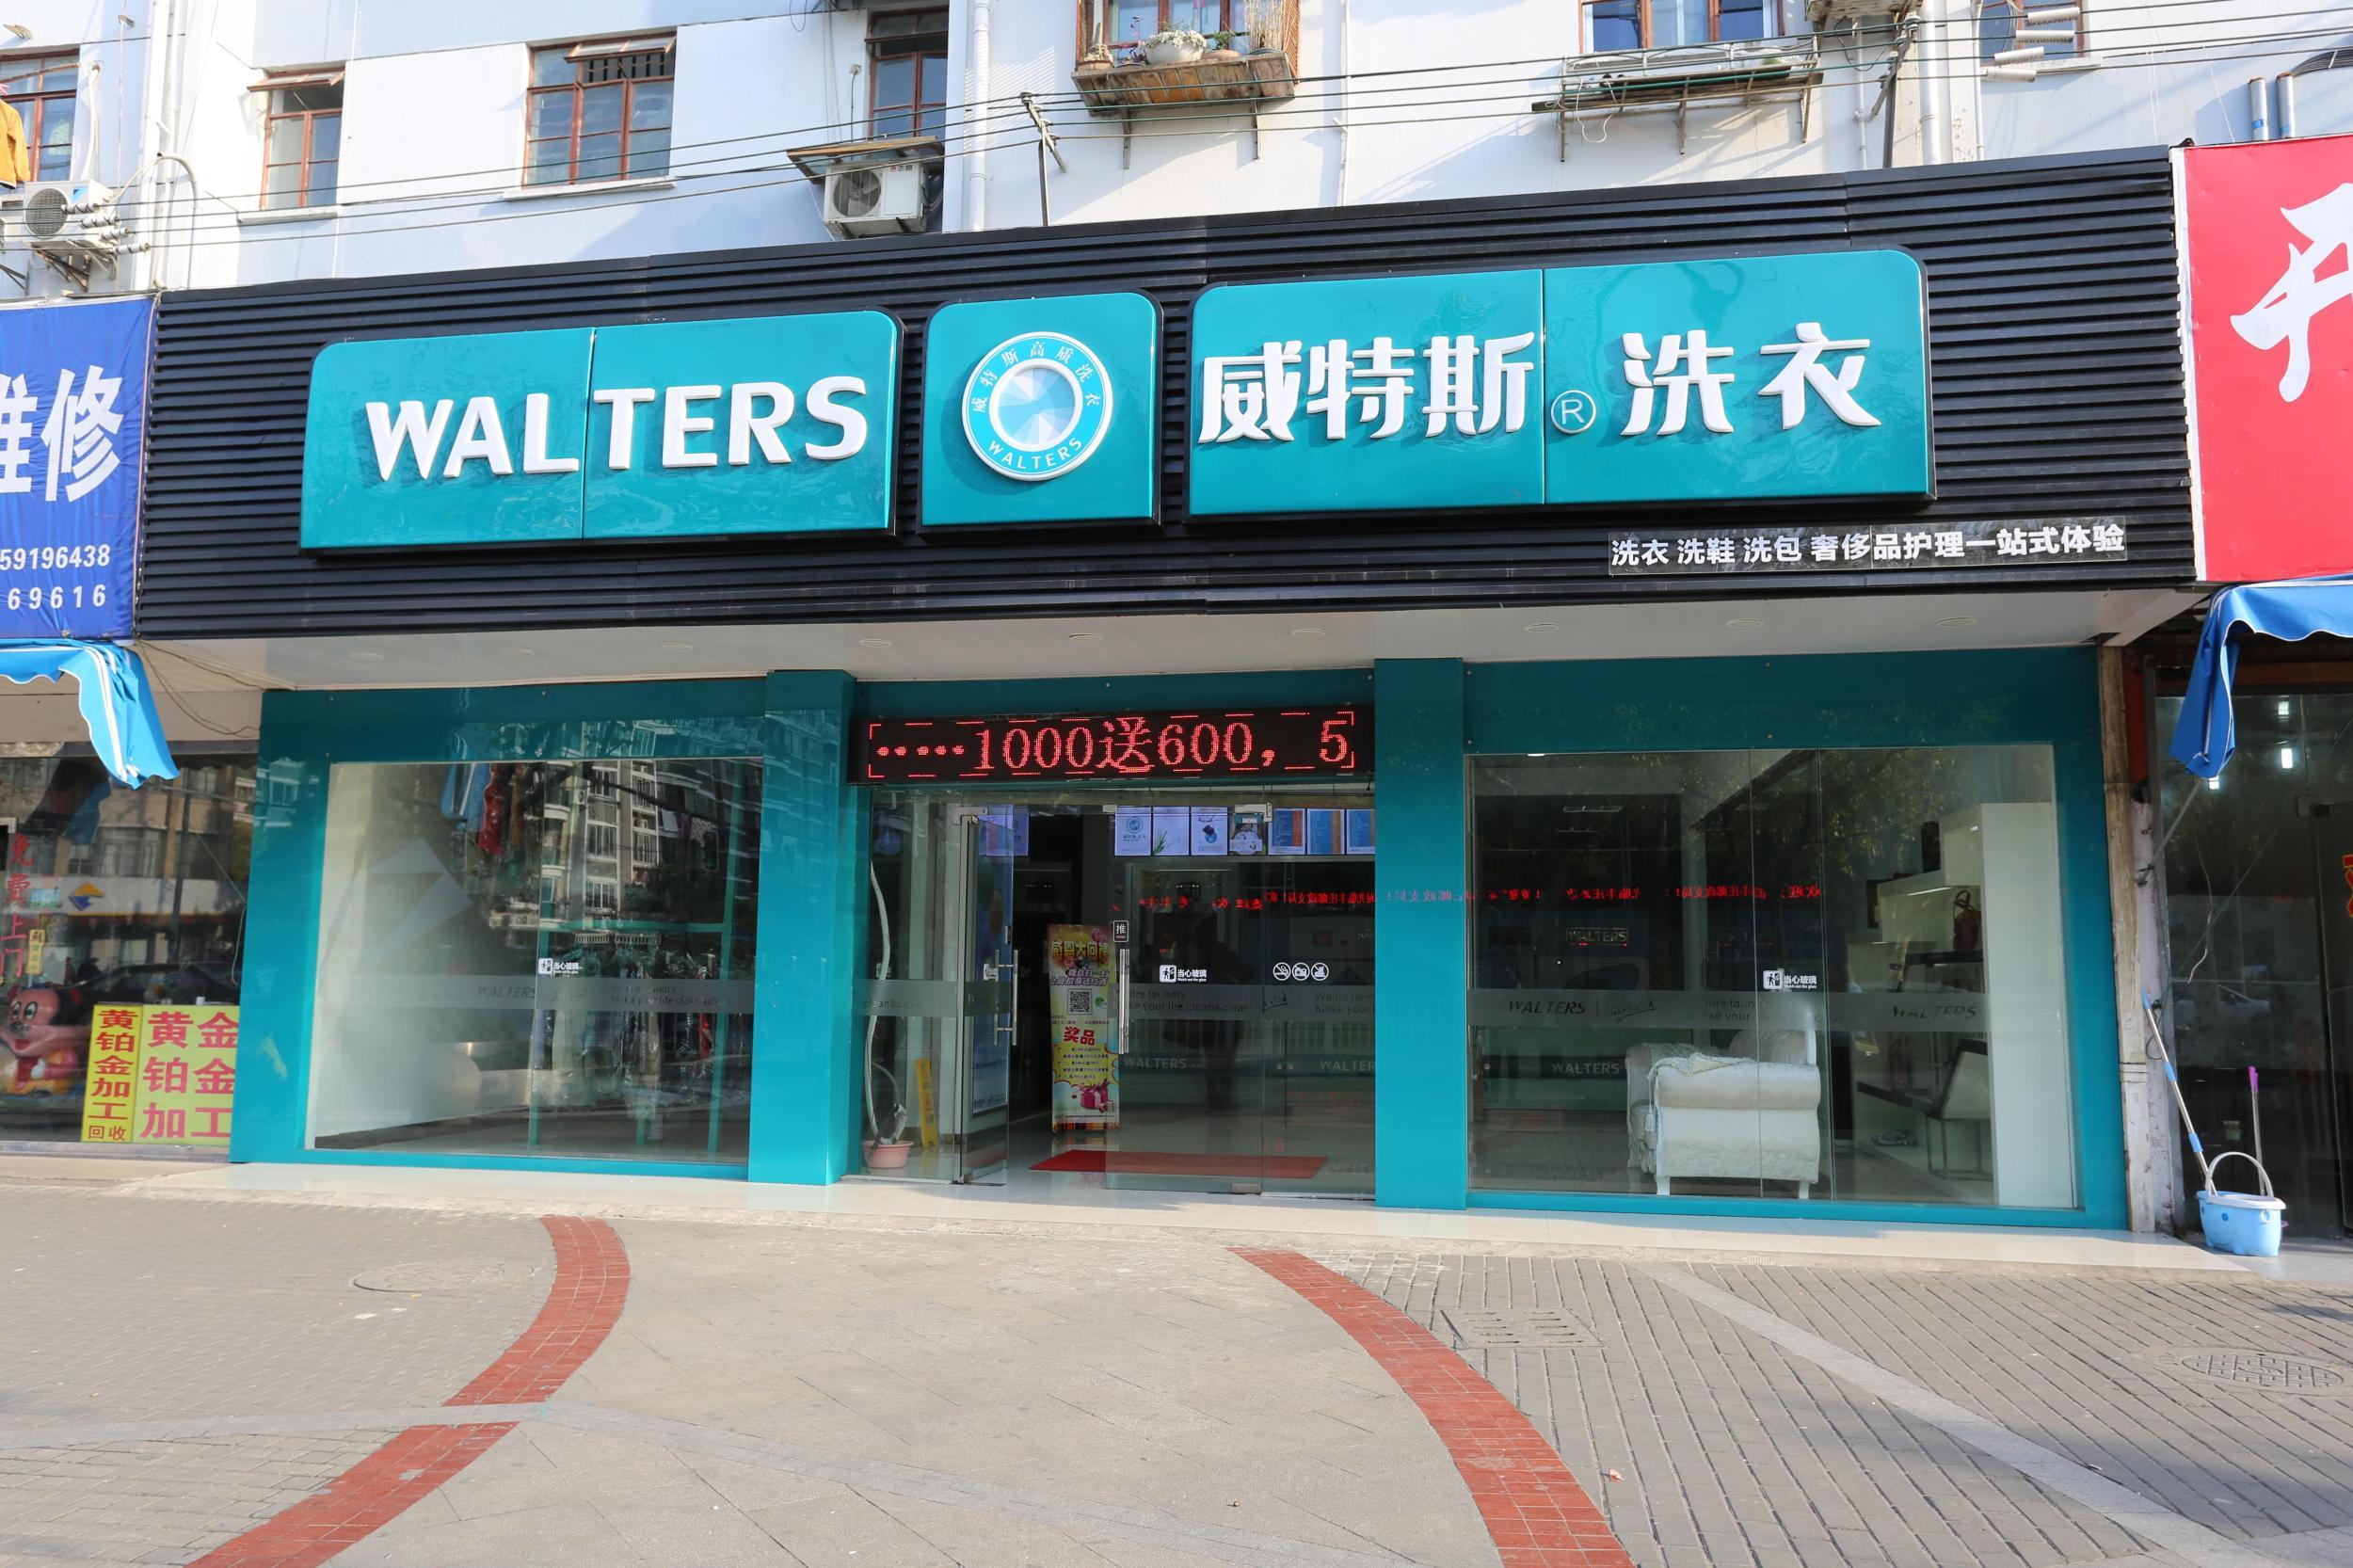 干洗店一年能赚多少钱_威特斯国际洗衣